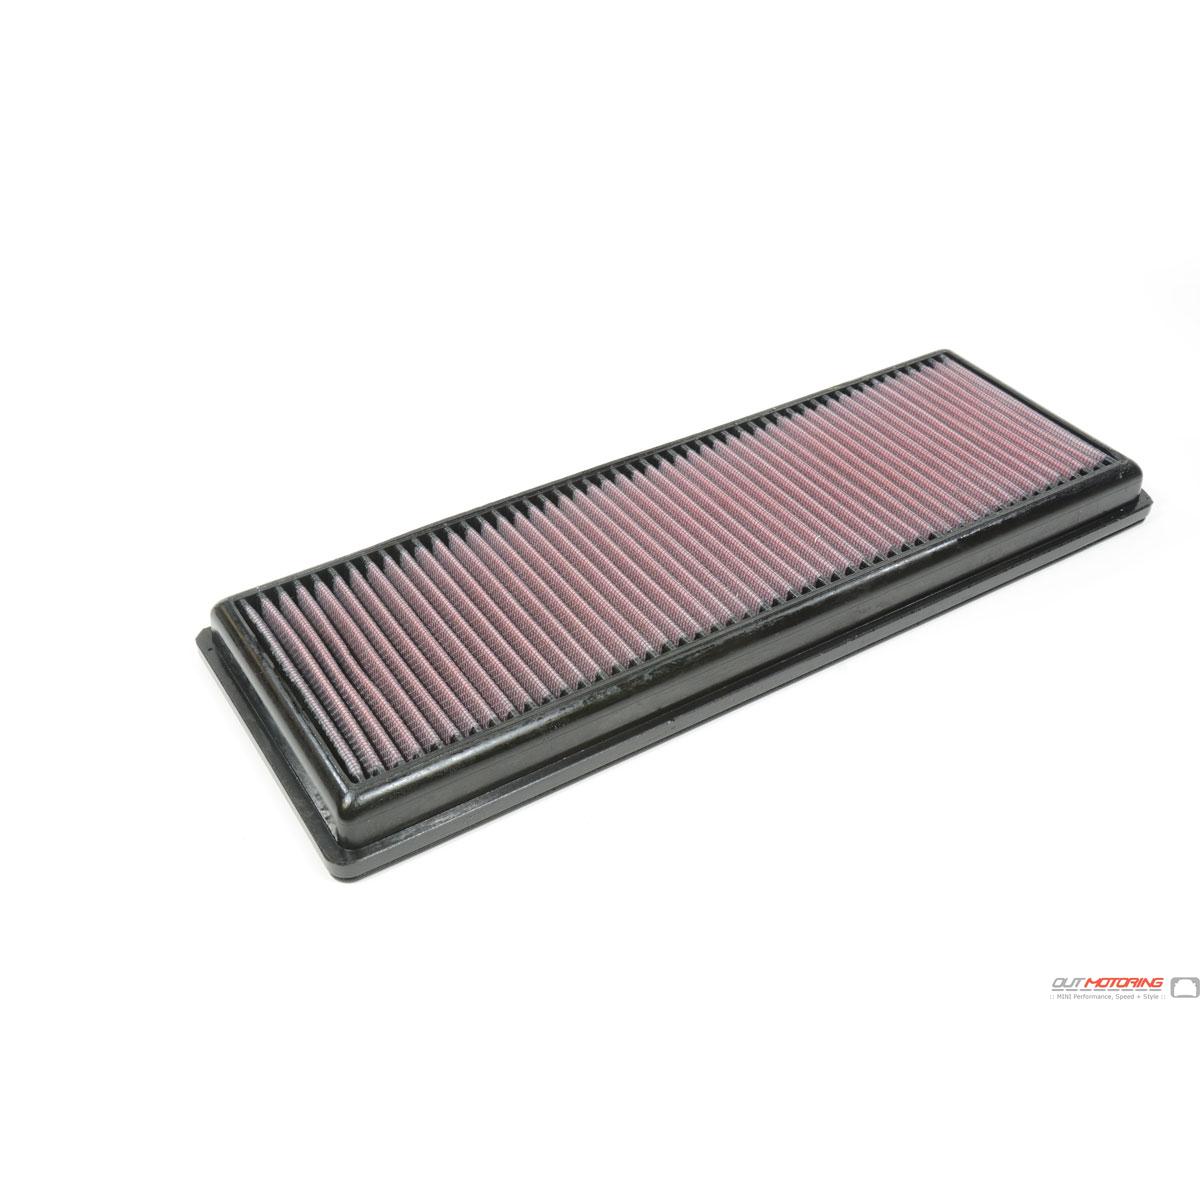 K N Drop In Filter Evox Ra: 33-2386 KN Filter MINI Drop In Air Filter Replacement